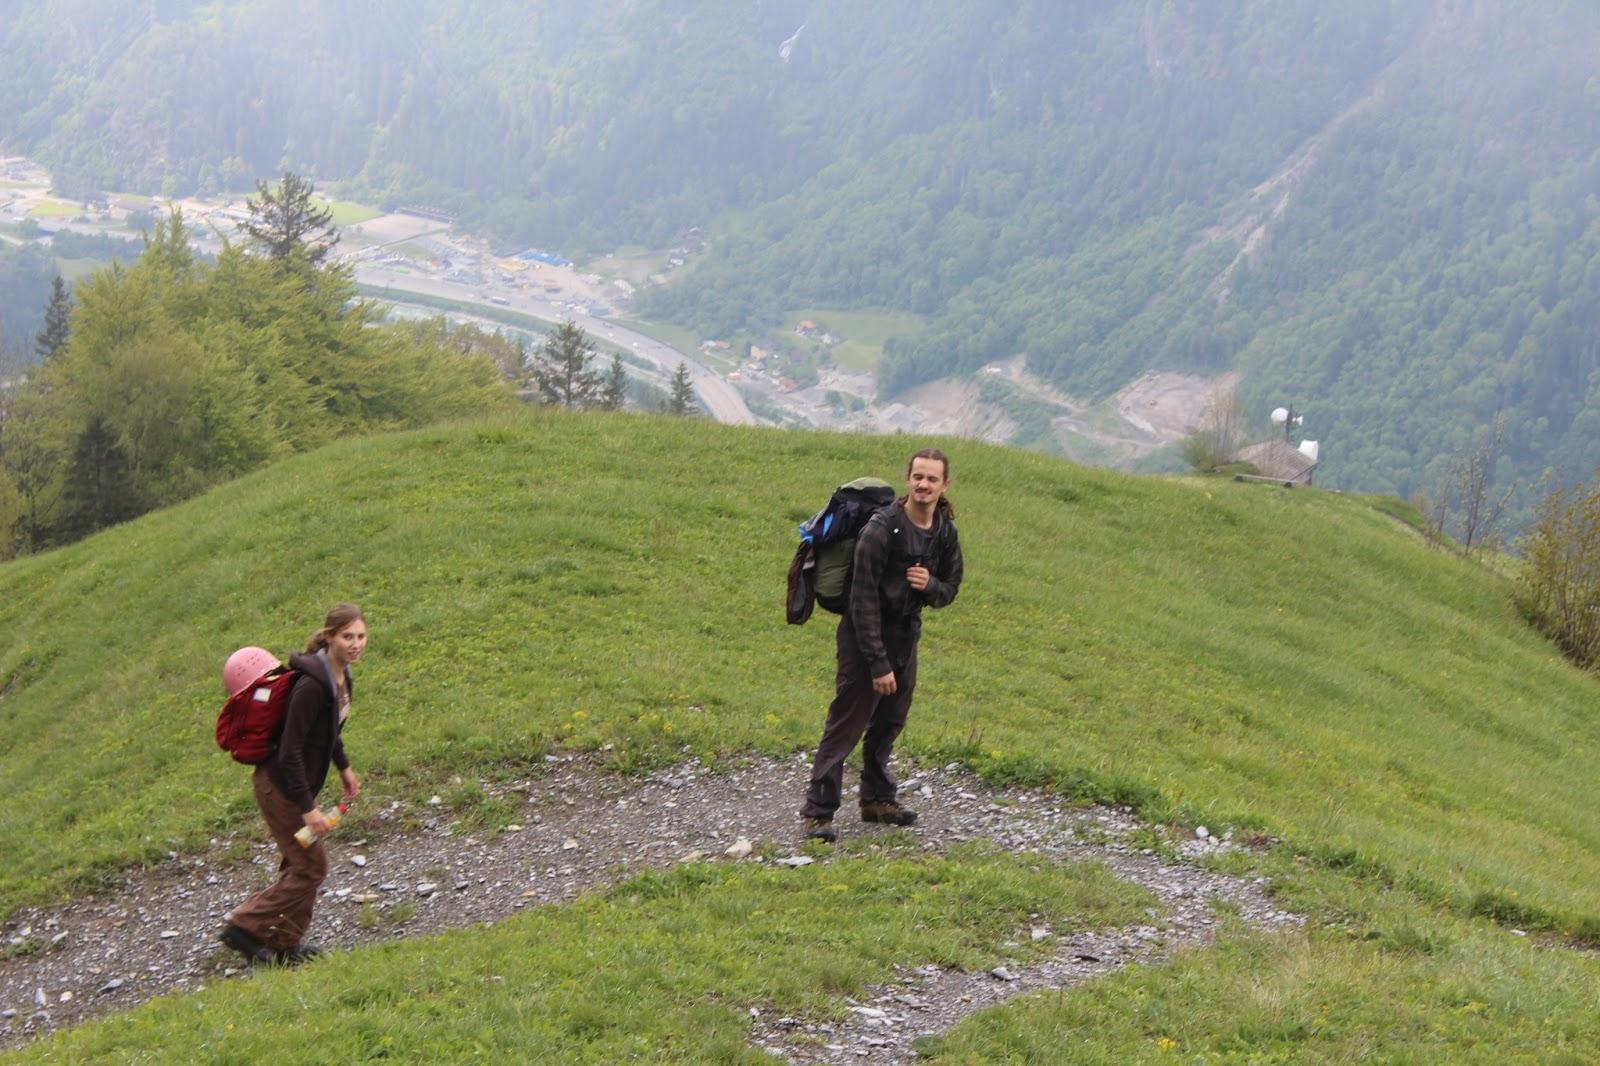 Hexensteig Klettersteig : Bergtour klettersteig hexensteig und zigerweg dscn g